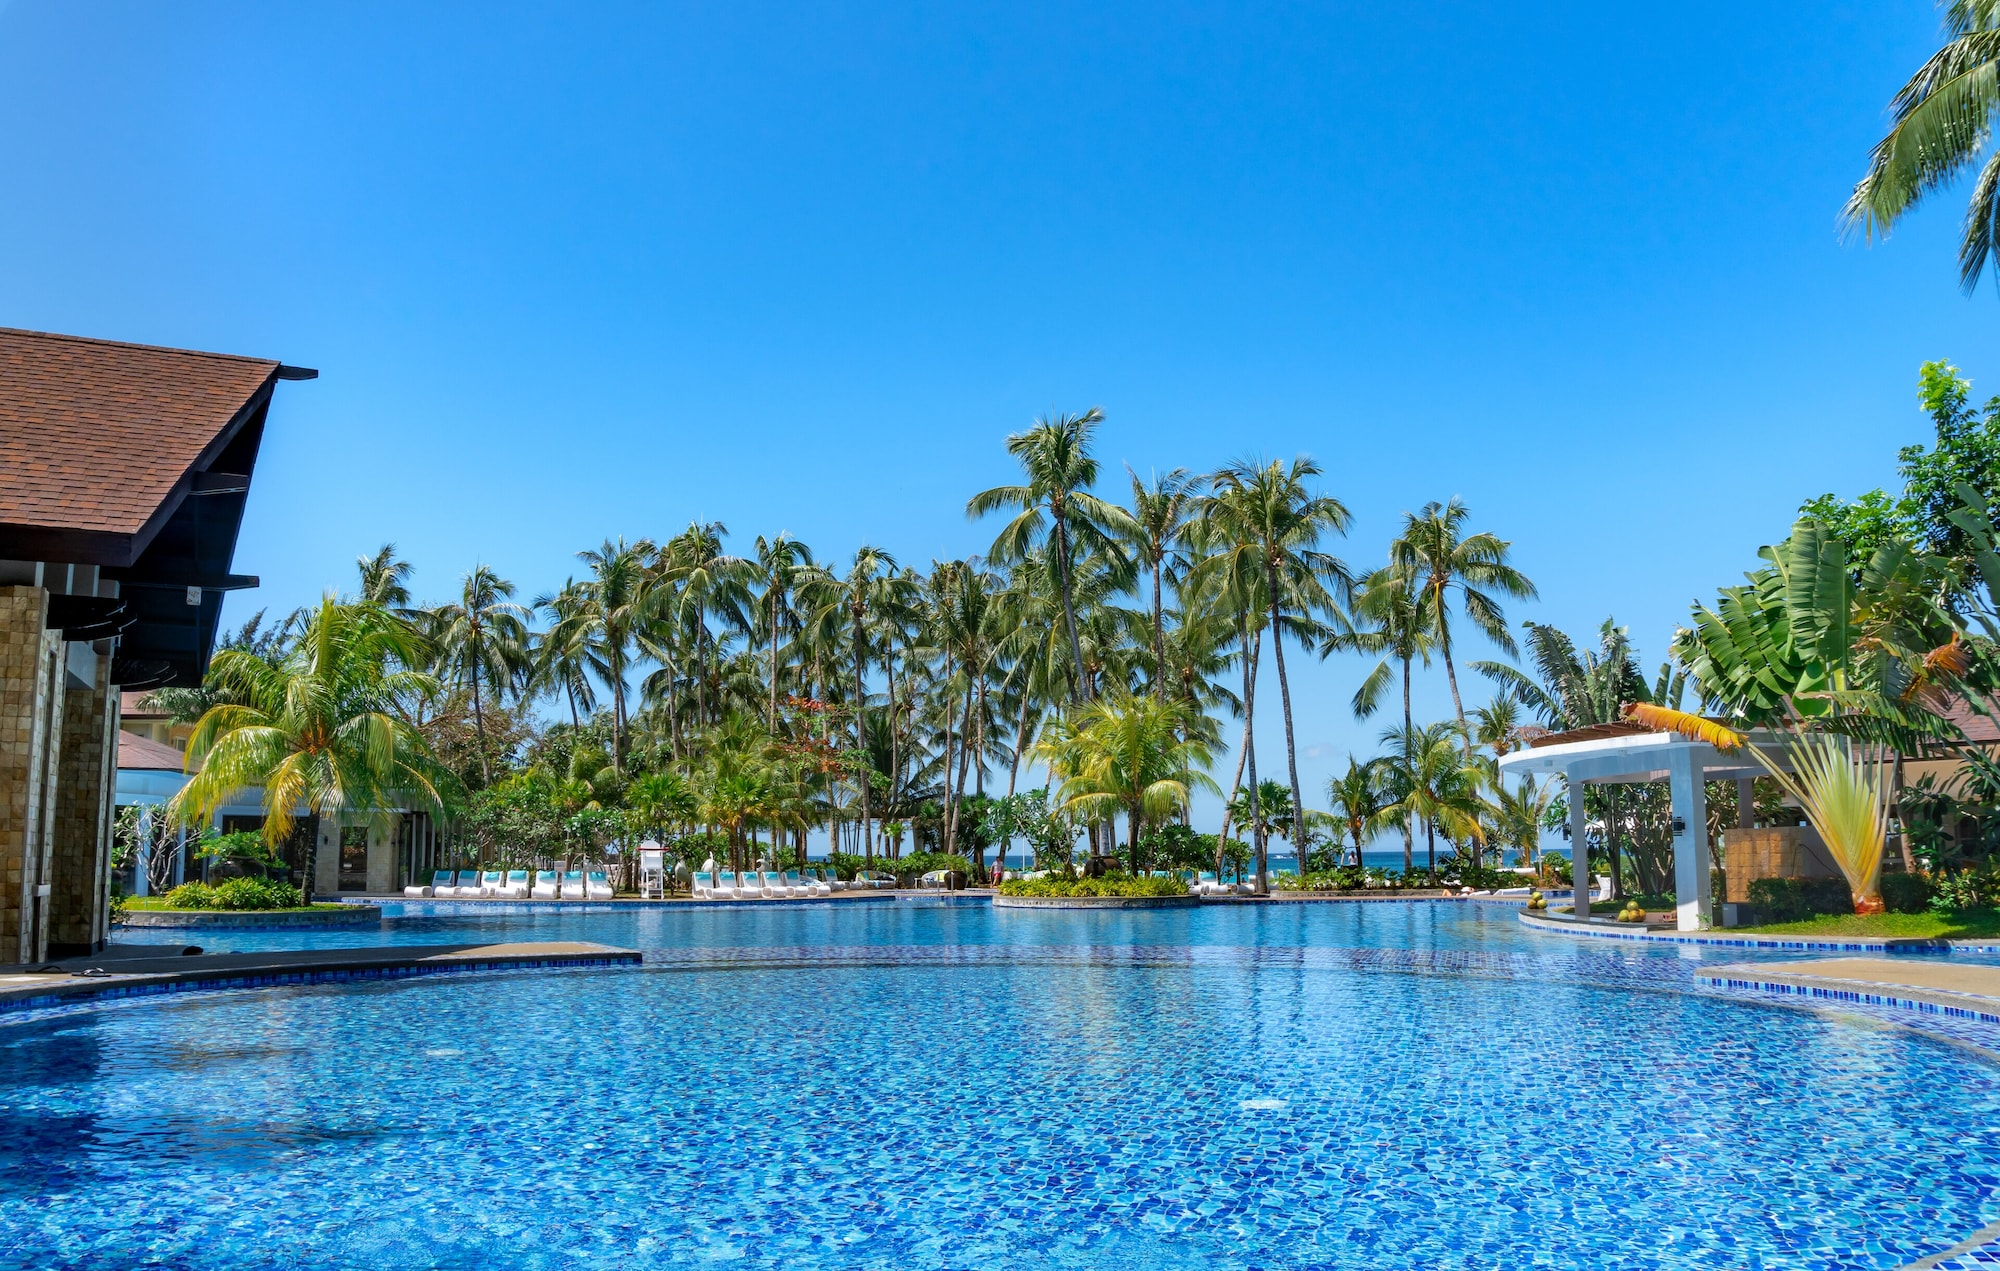 Movenpick Resort & Spa Boracay, Malay